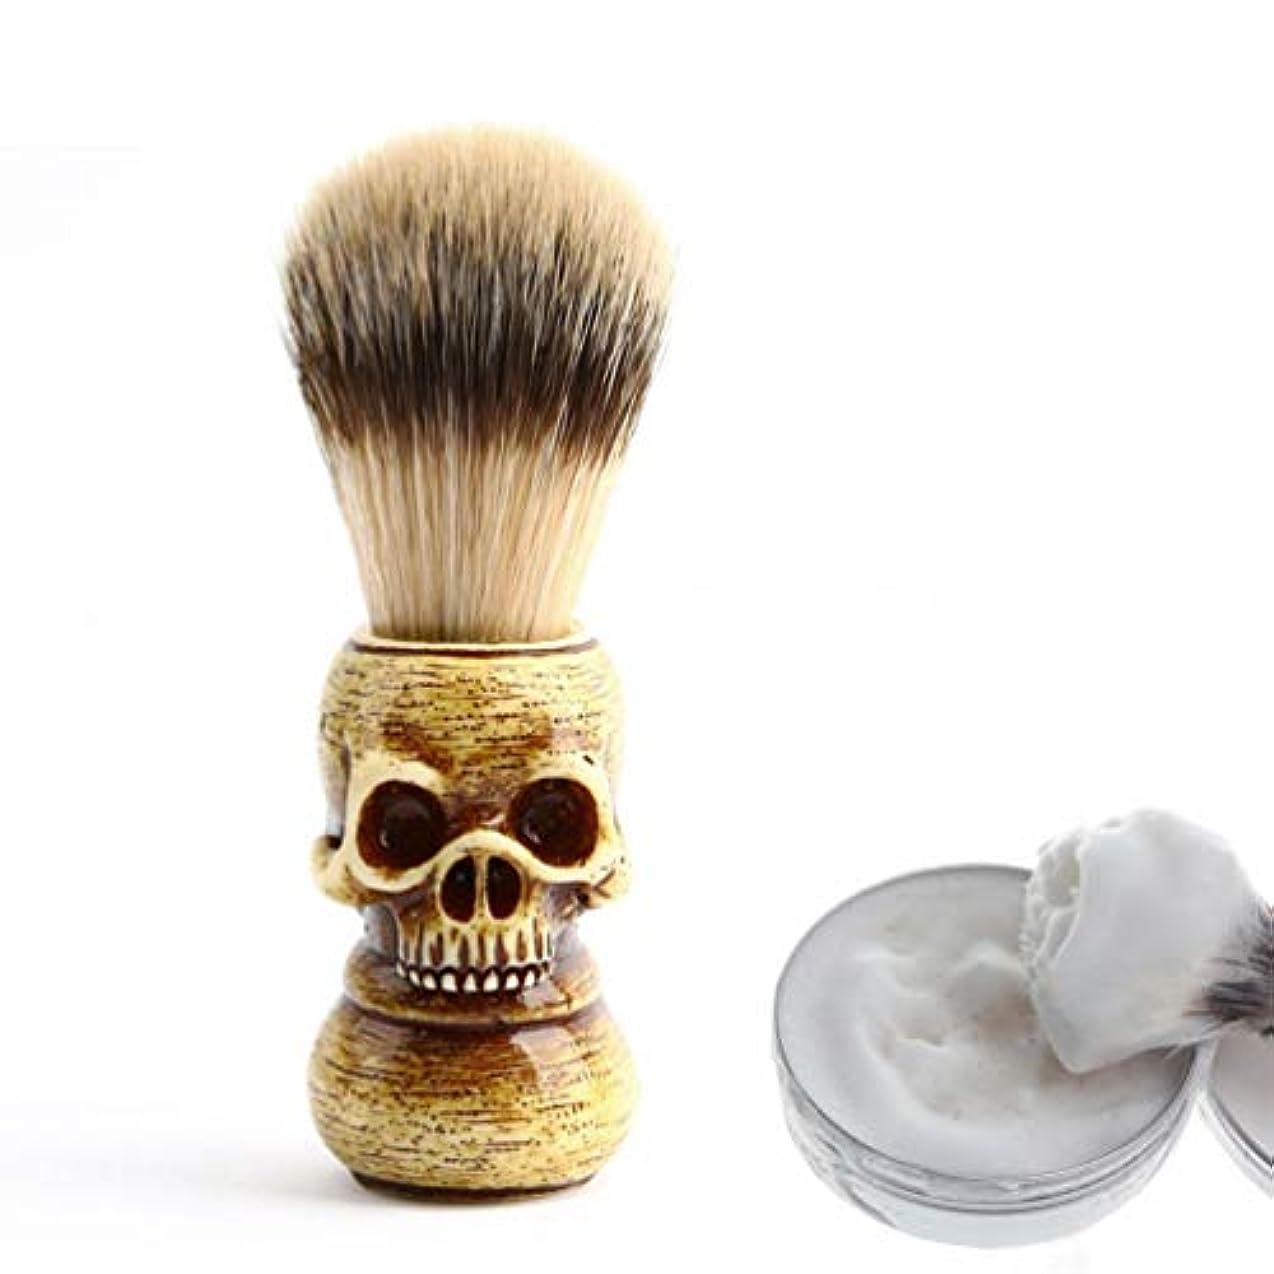 ランタン下品ゆるいVosarea 1ピーススカルヘッドひげブラシポータブルメンズ軽量アナグマヘアブラシ口ひげ毛剃りブラシグルーミングツール